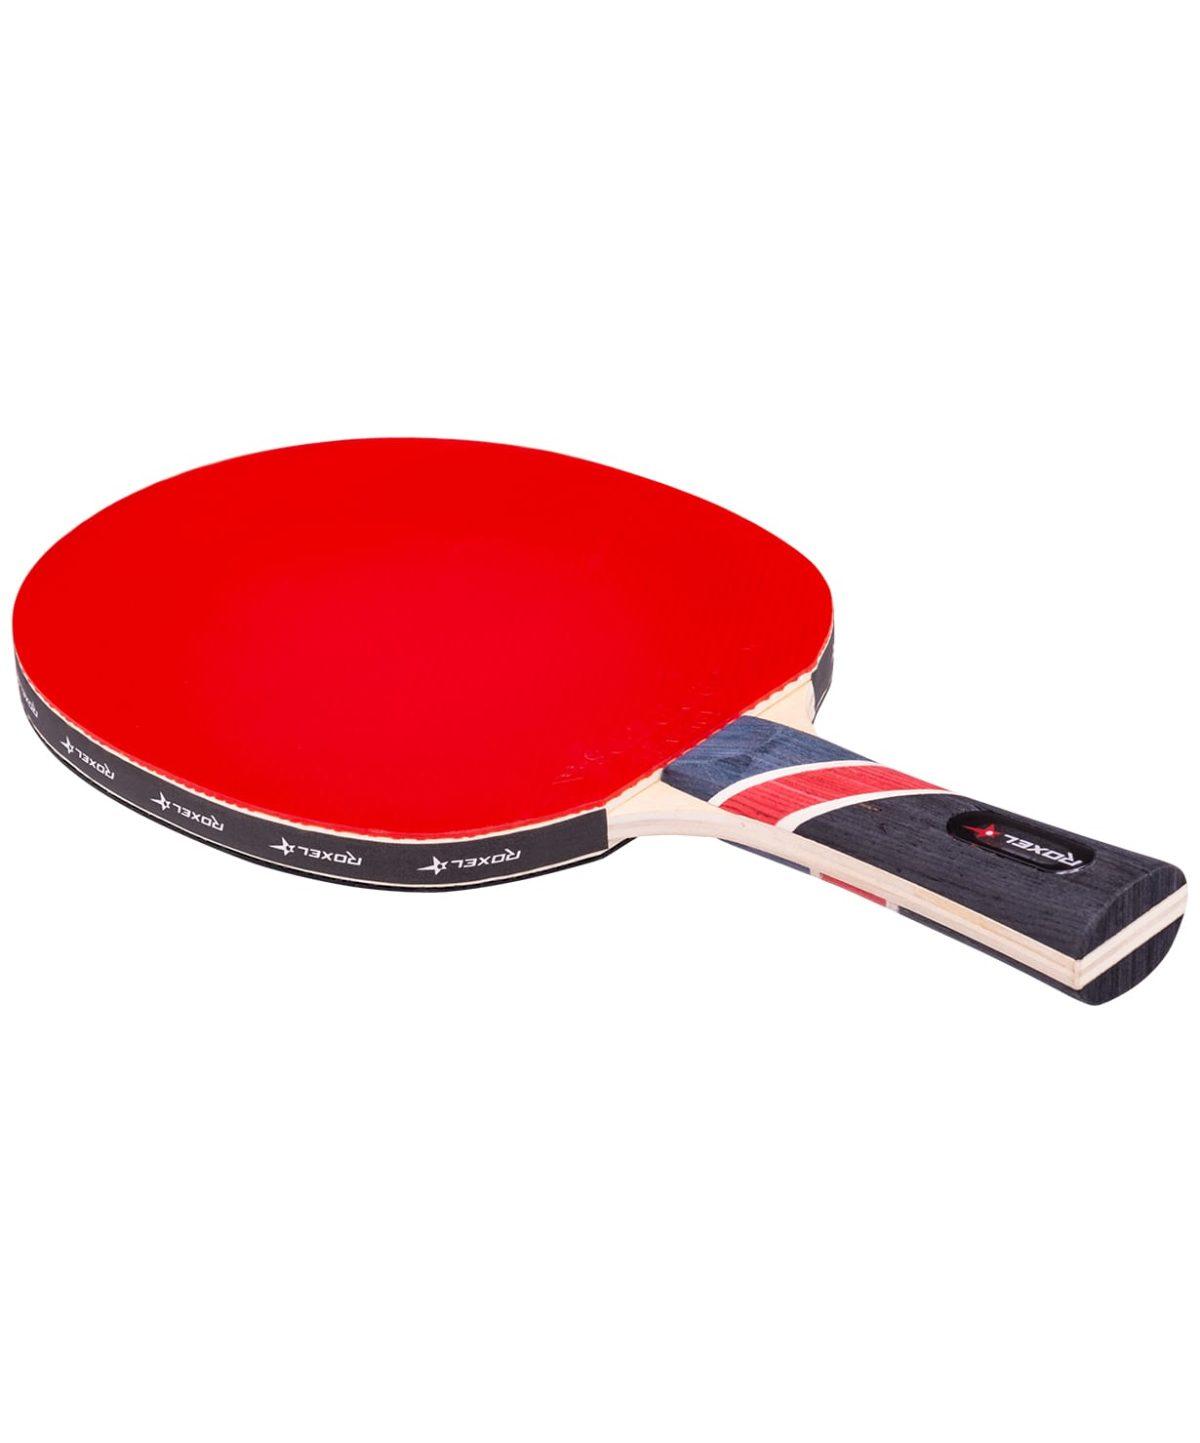 ROXEL 5* Superior Ракетка для настольного тенниса, коническая  15359 - 3